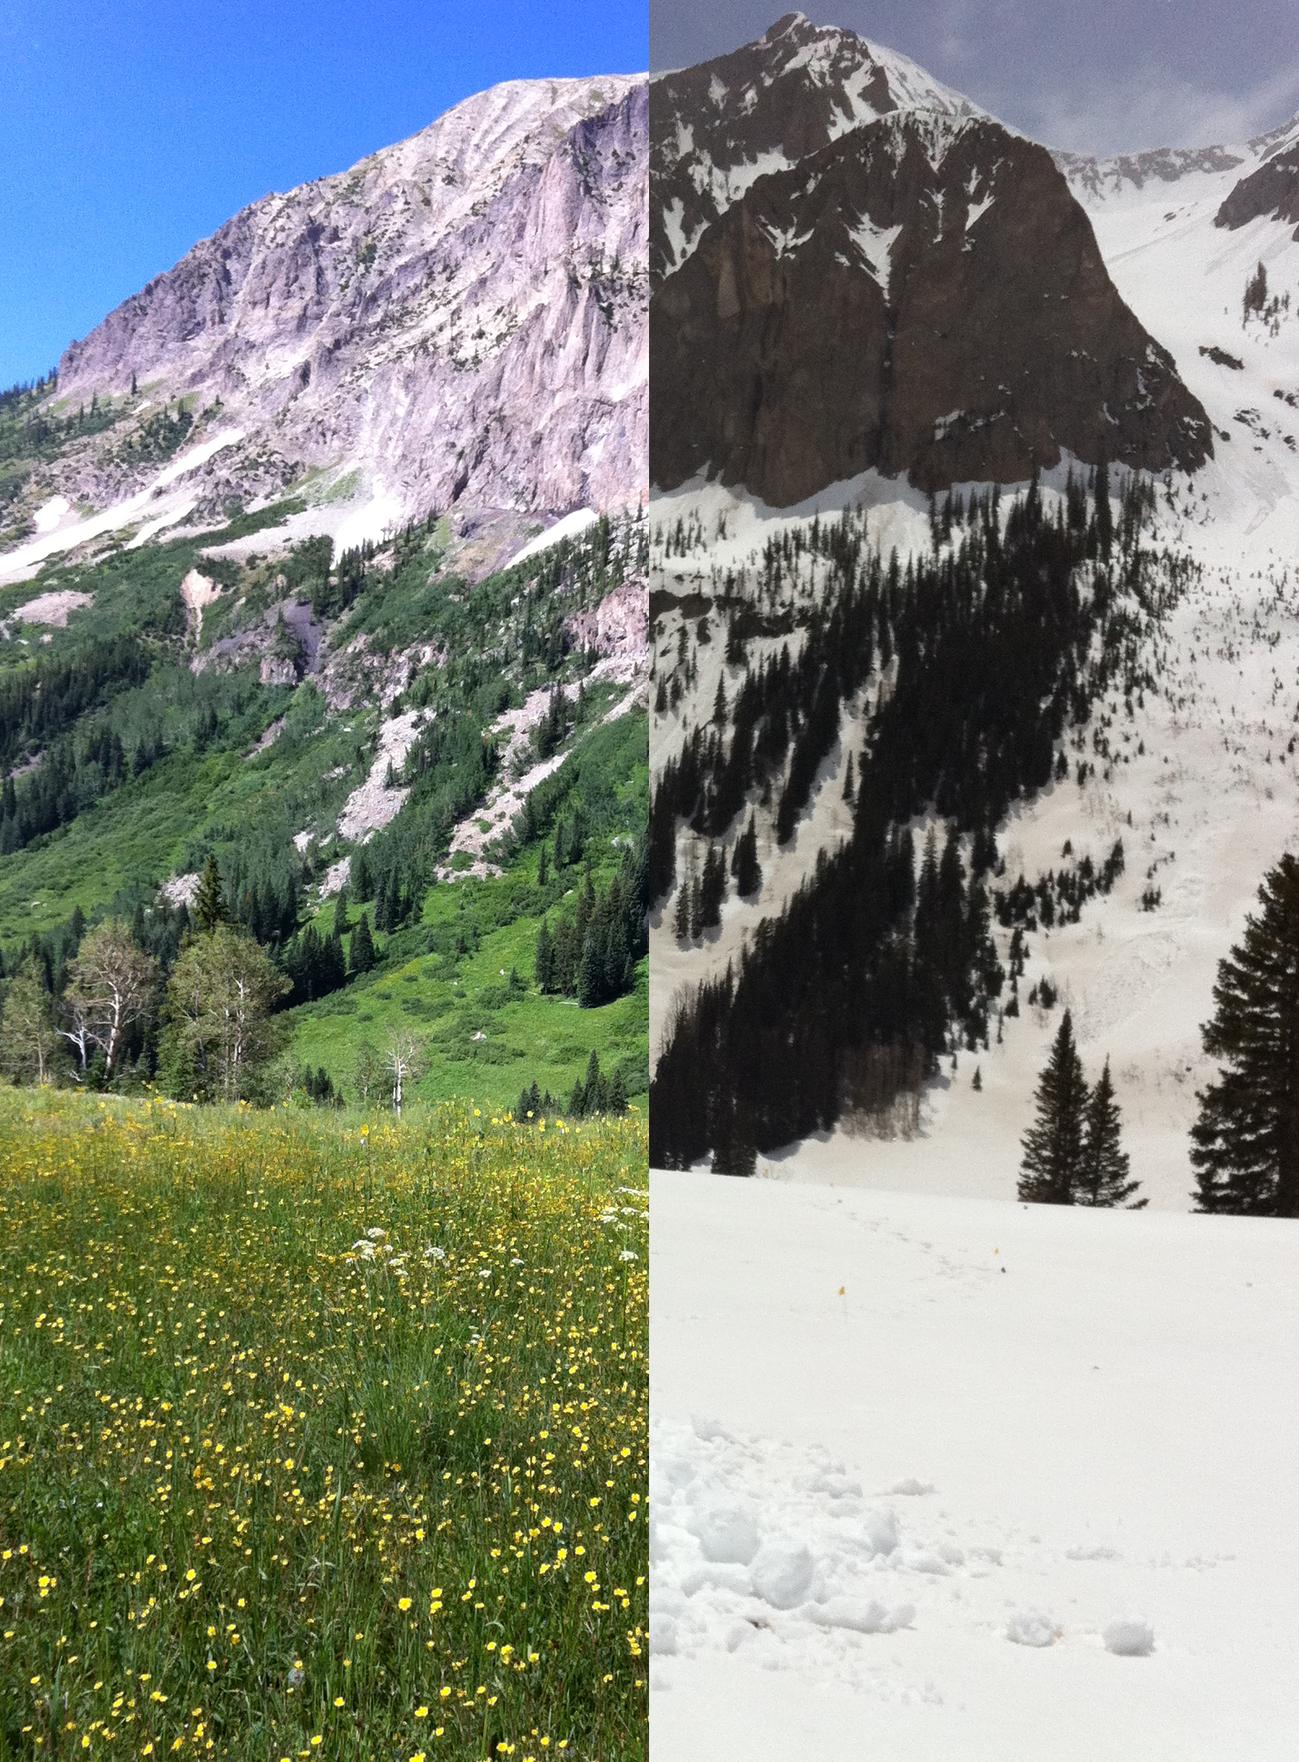 Gothic summer versus winter